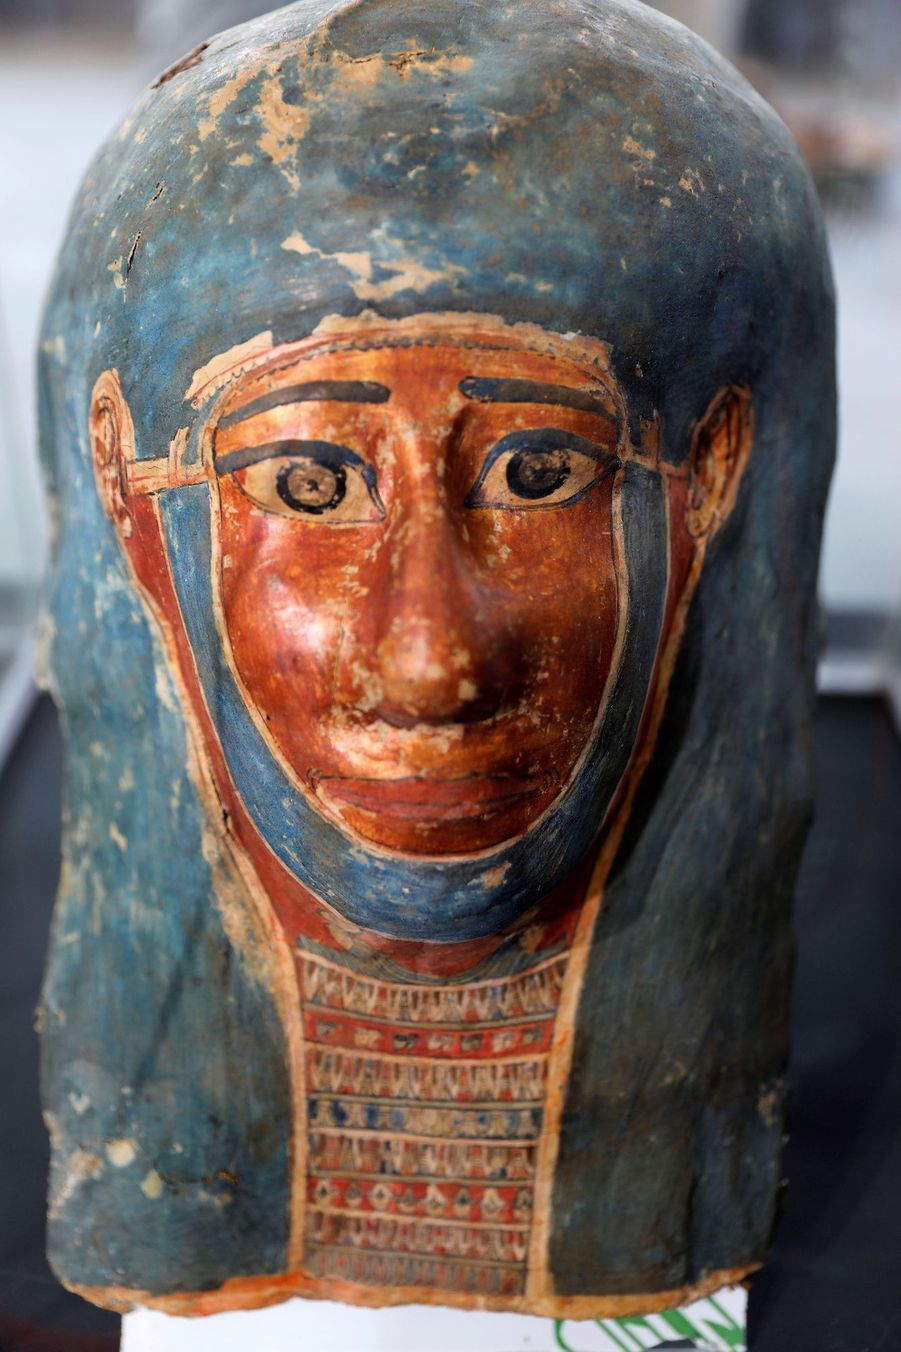 Des sarcophages vieux de plus de 2000 ans ont été découverts à Saqqara.